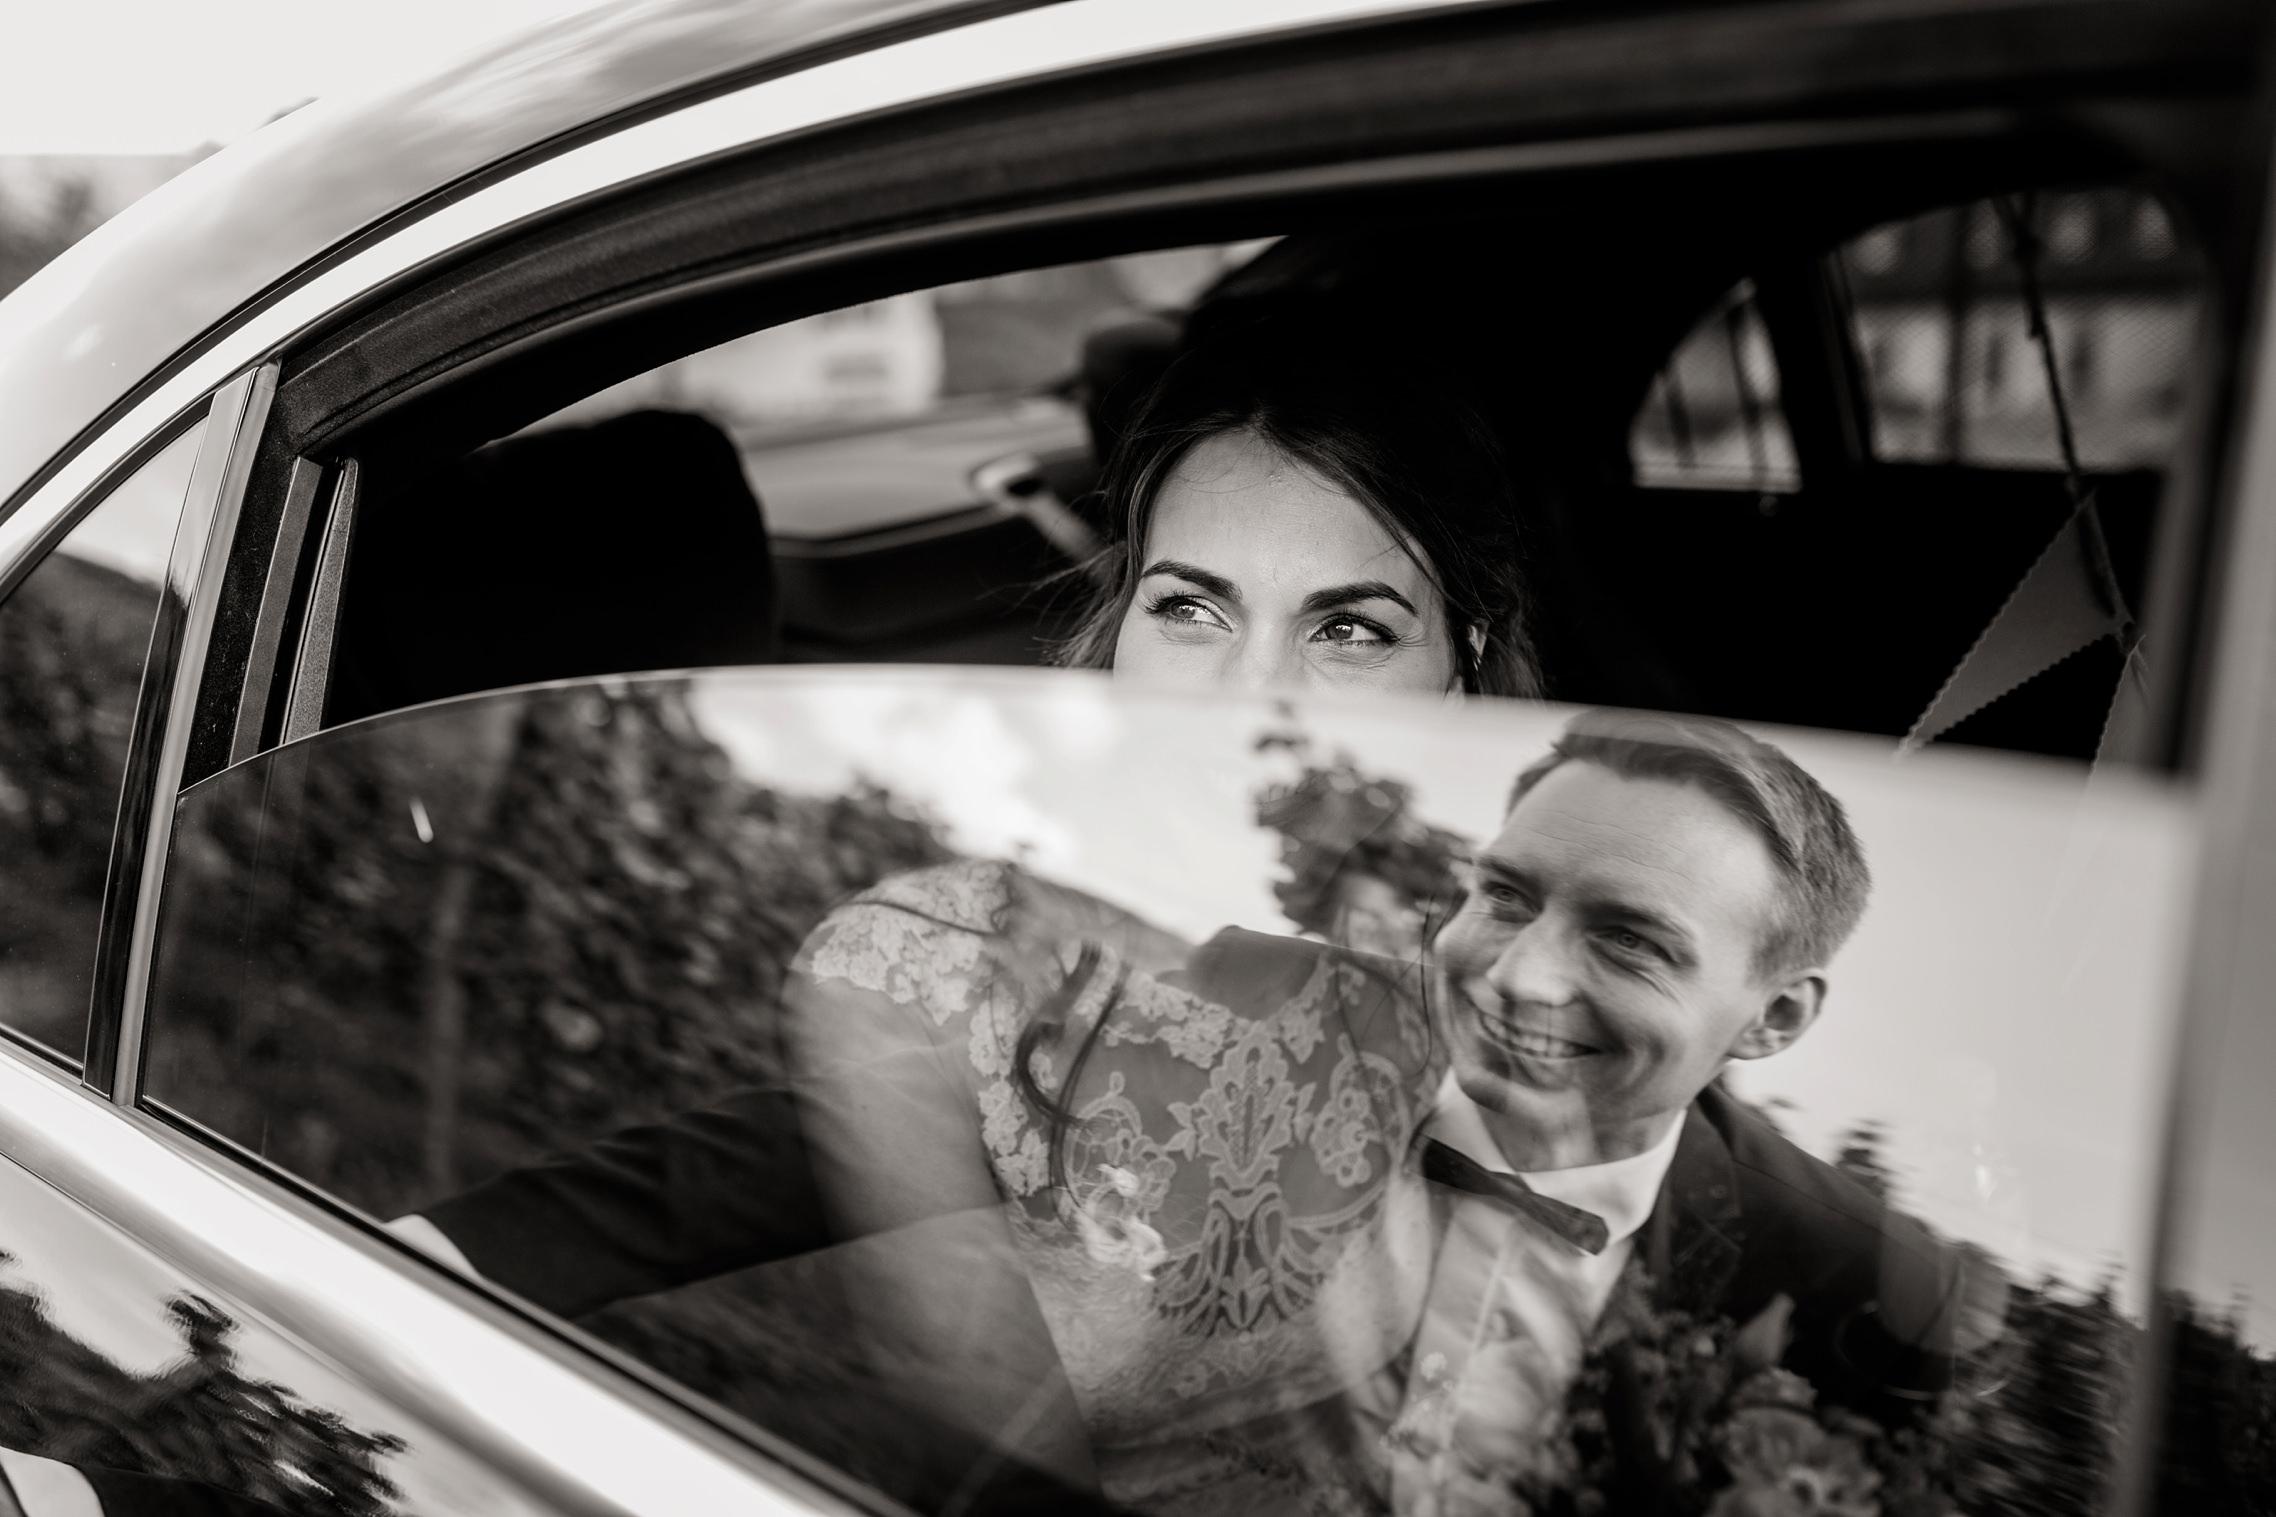 Der Bräutigam spiegelt sich in diesem schwarz-weiss Bild in der Scheibe des Hochzeitsautos und lächelt seine Frau an.